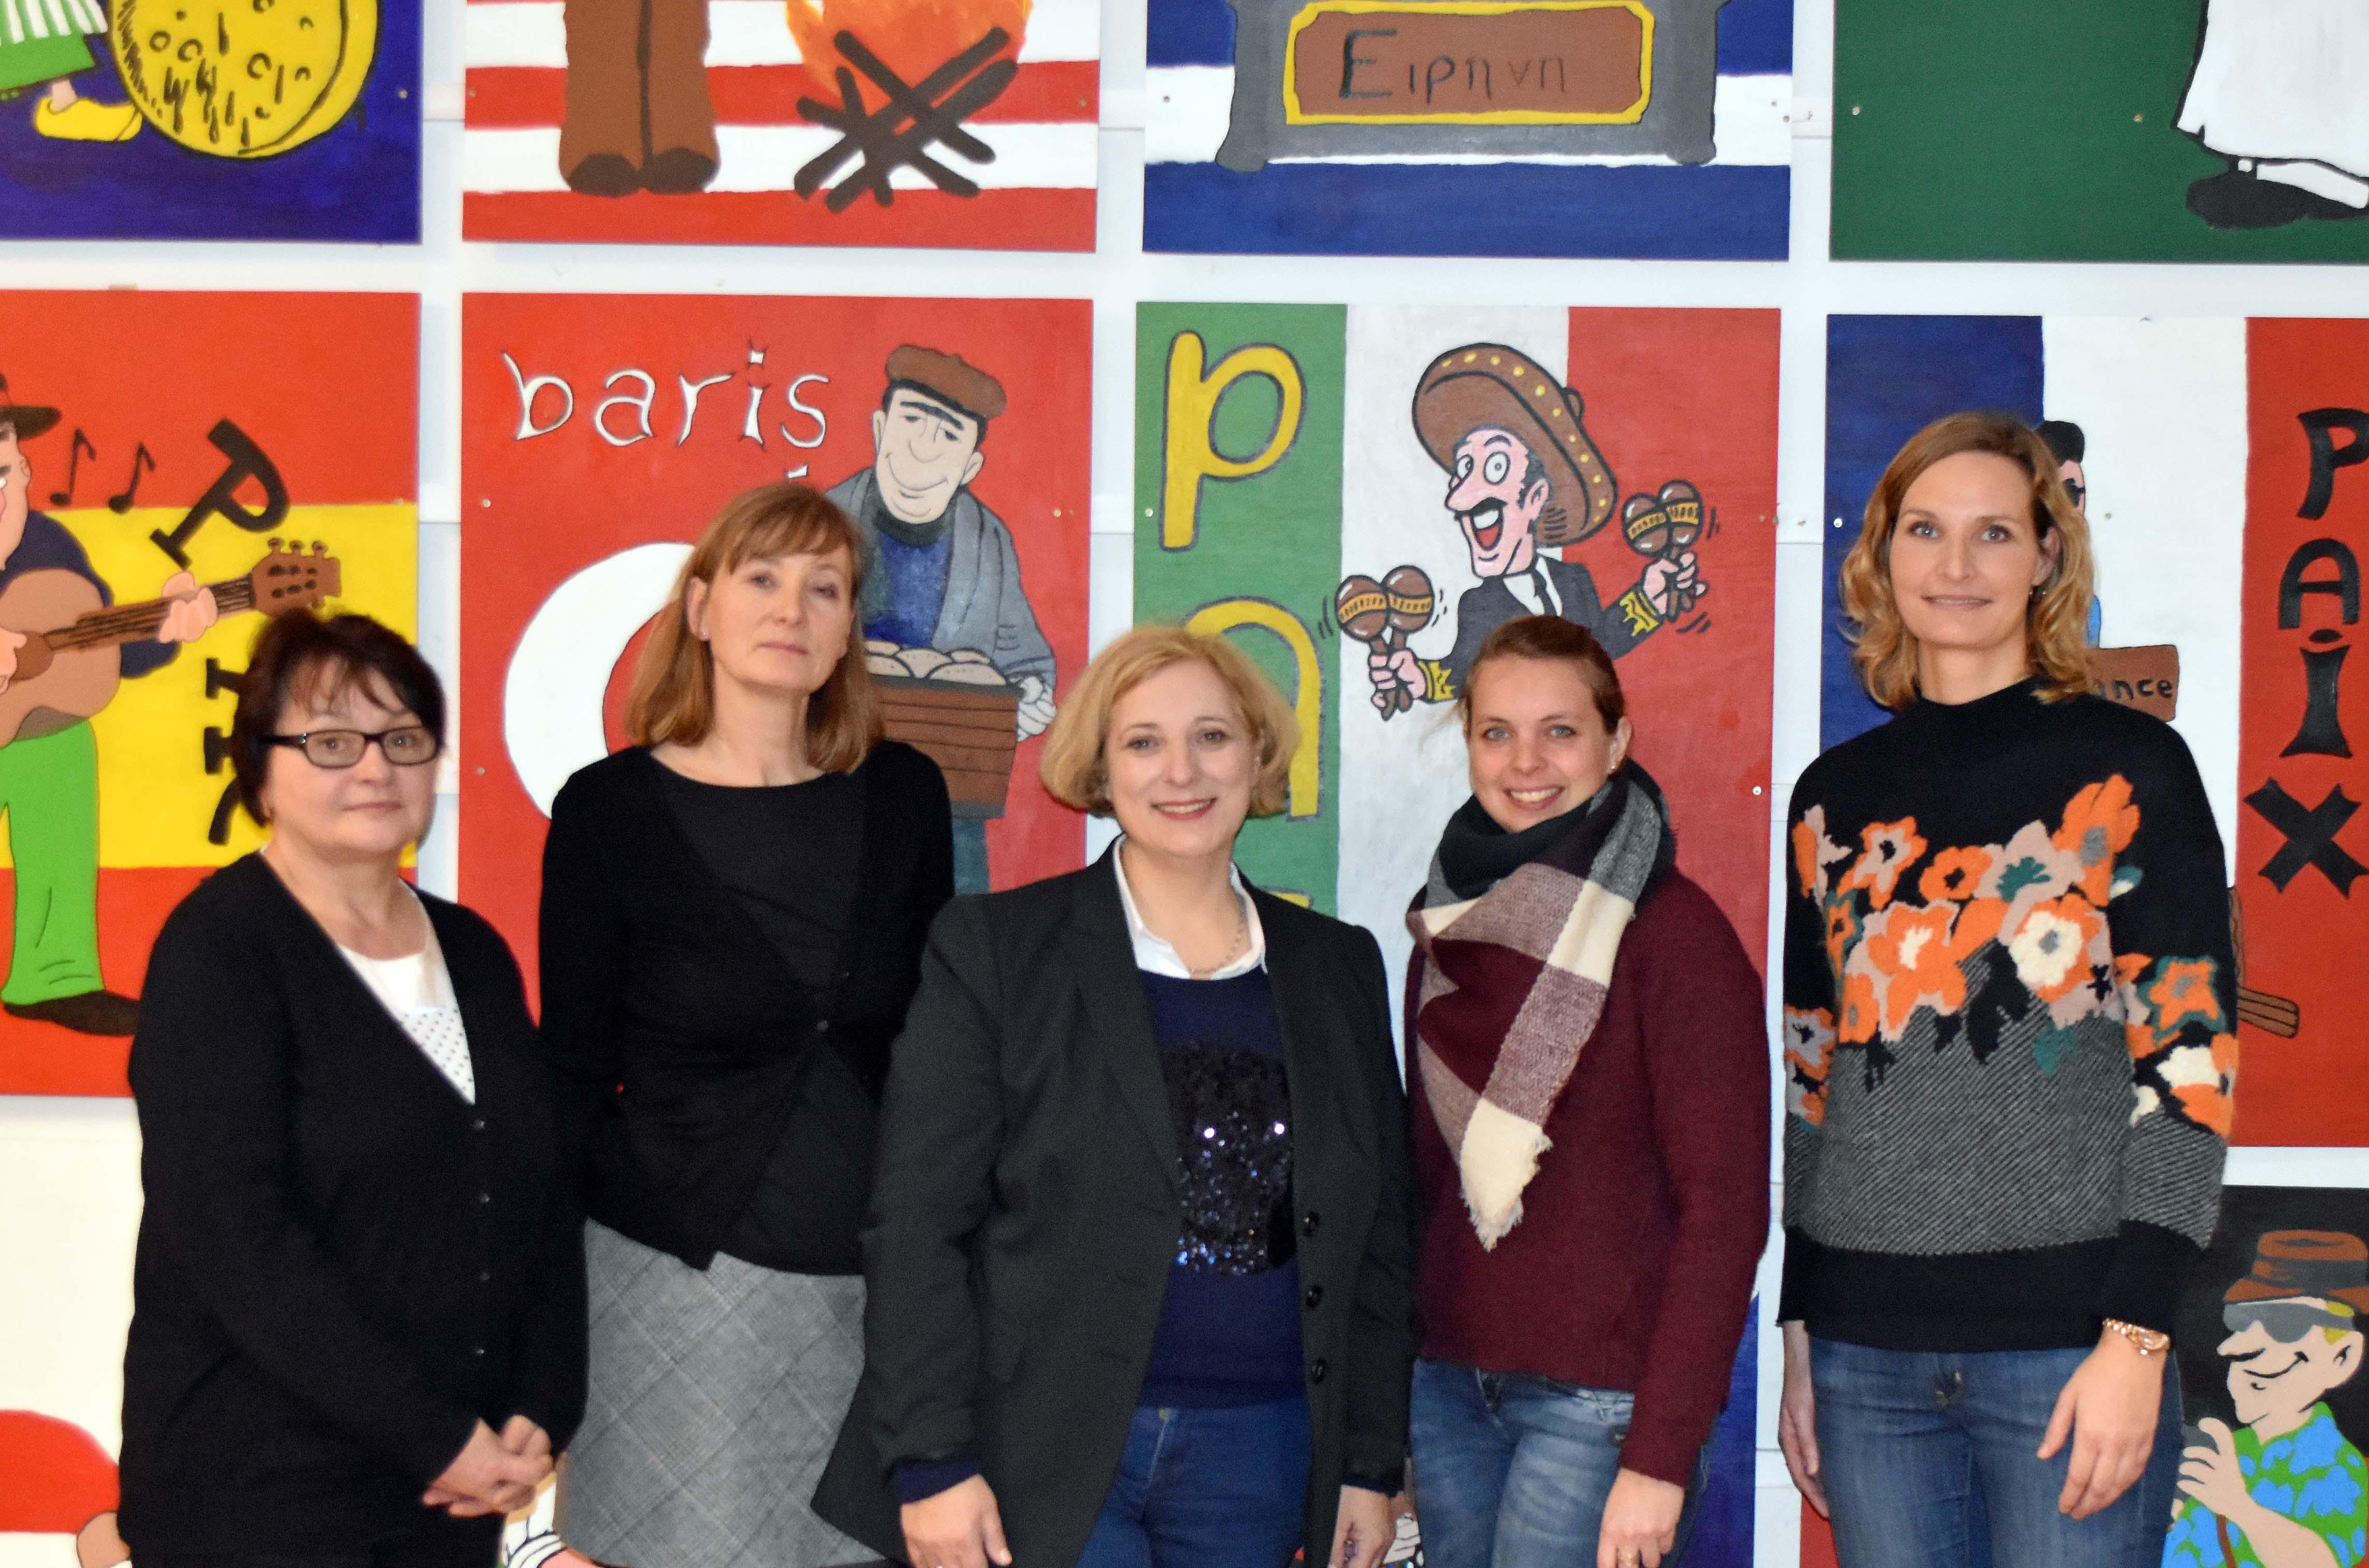 Dr. Daniela De Ridder zu Besuch in der Friedensschule Lingen